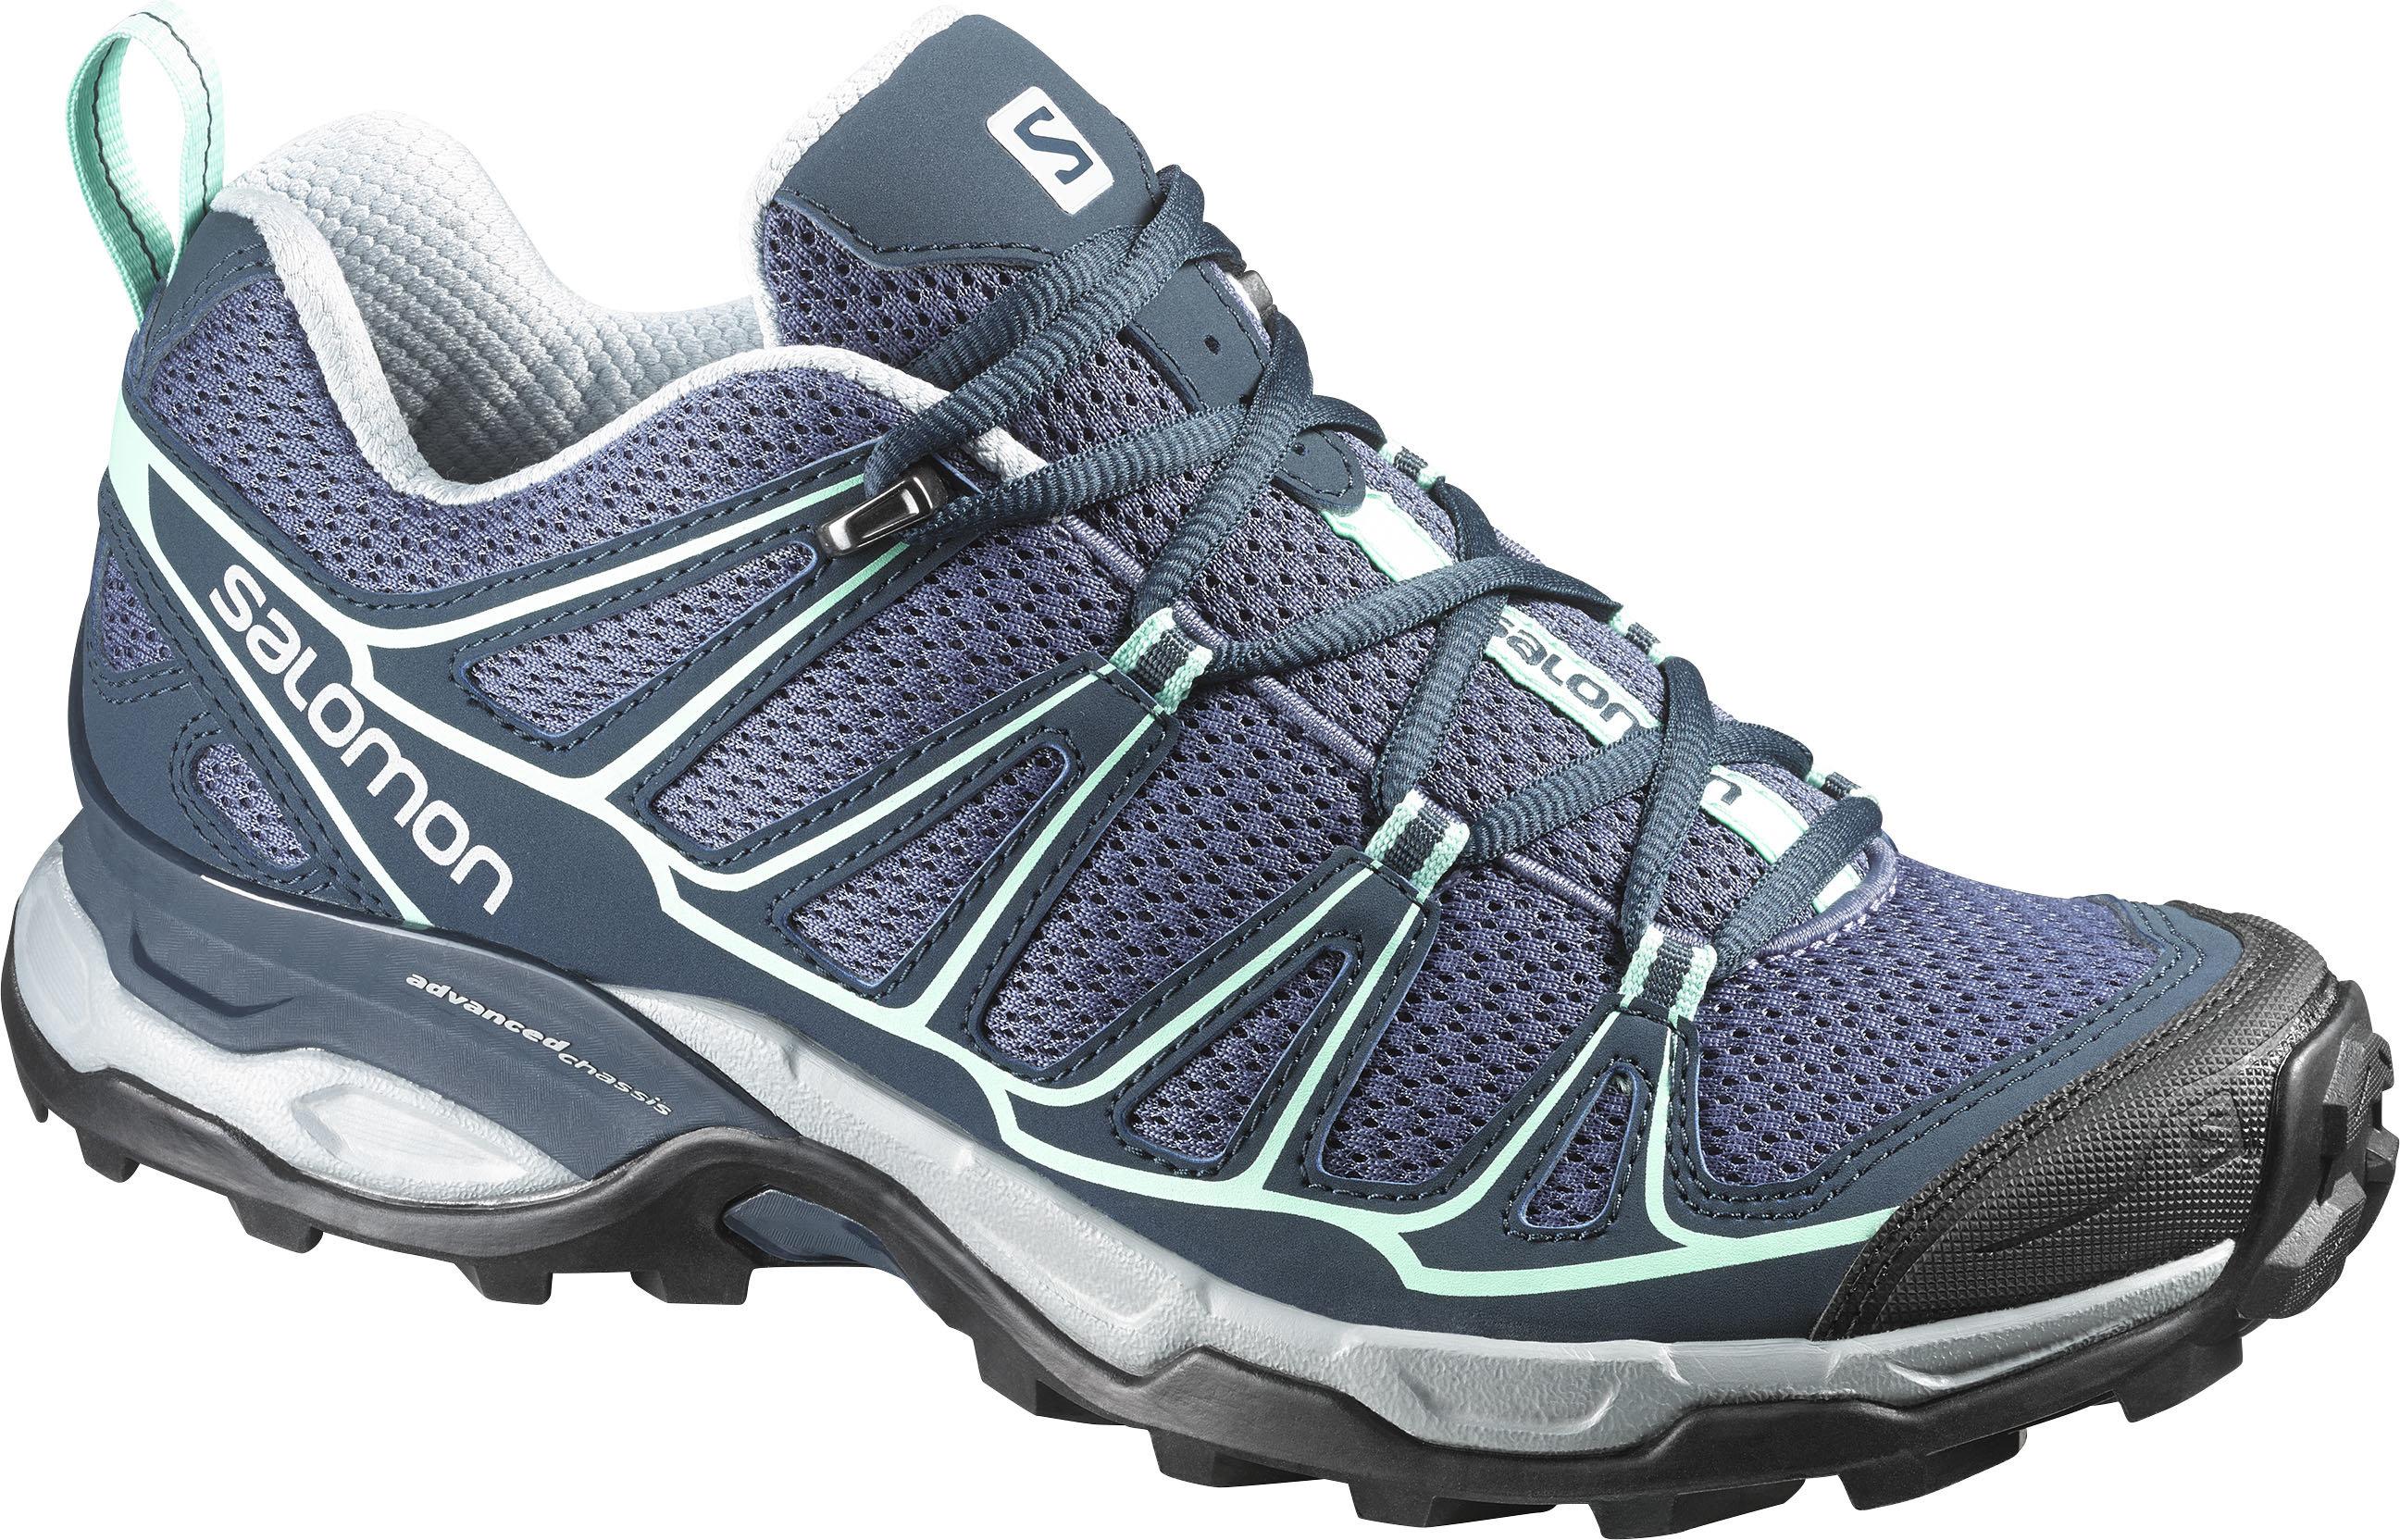 Ботинки Для Хайкинга (Низкие) Salomon 2017 Shoes X Ultra Prime W Artgrey/bl/lucite (Uk:6,5)